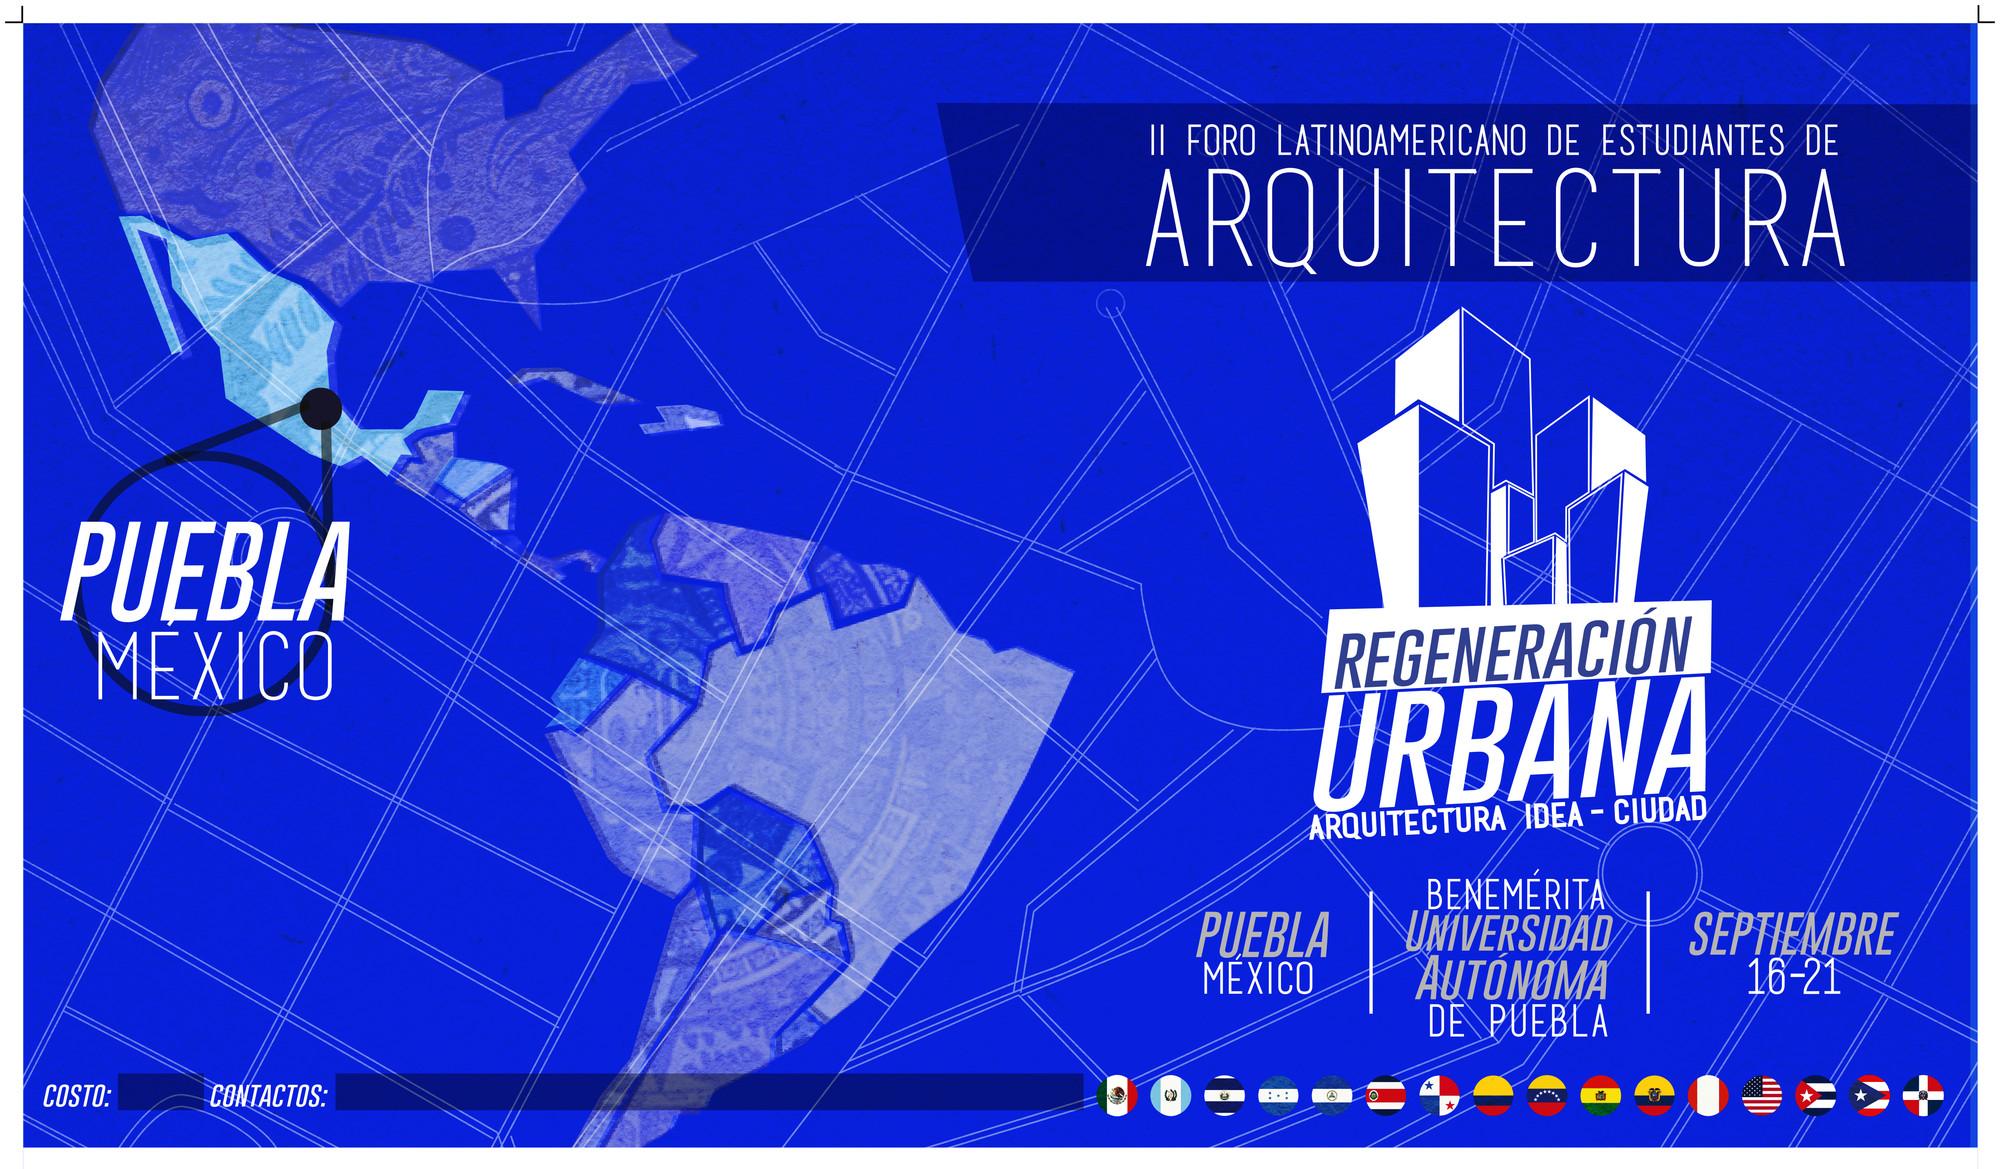 II Foro Latinoamericano de Estudiantes de Arquitectura / Regeneración Urbana [Sorteo cerrado]